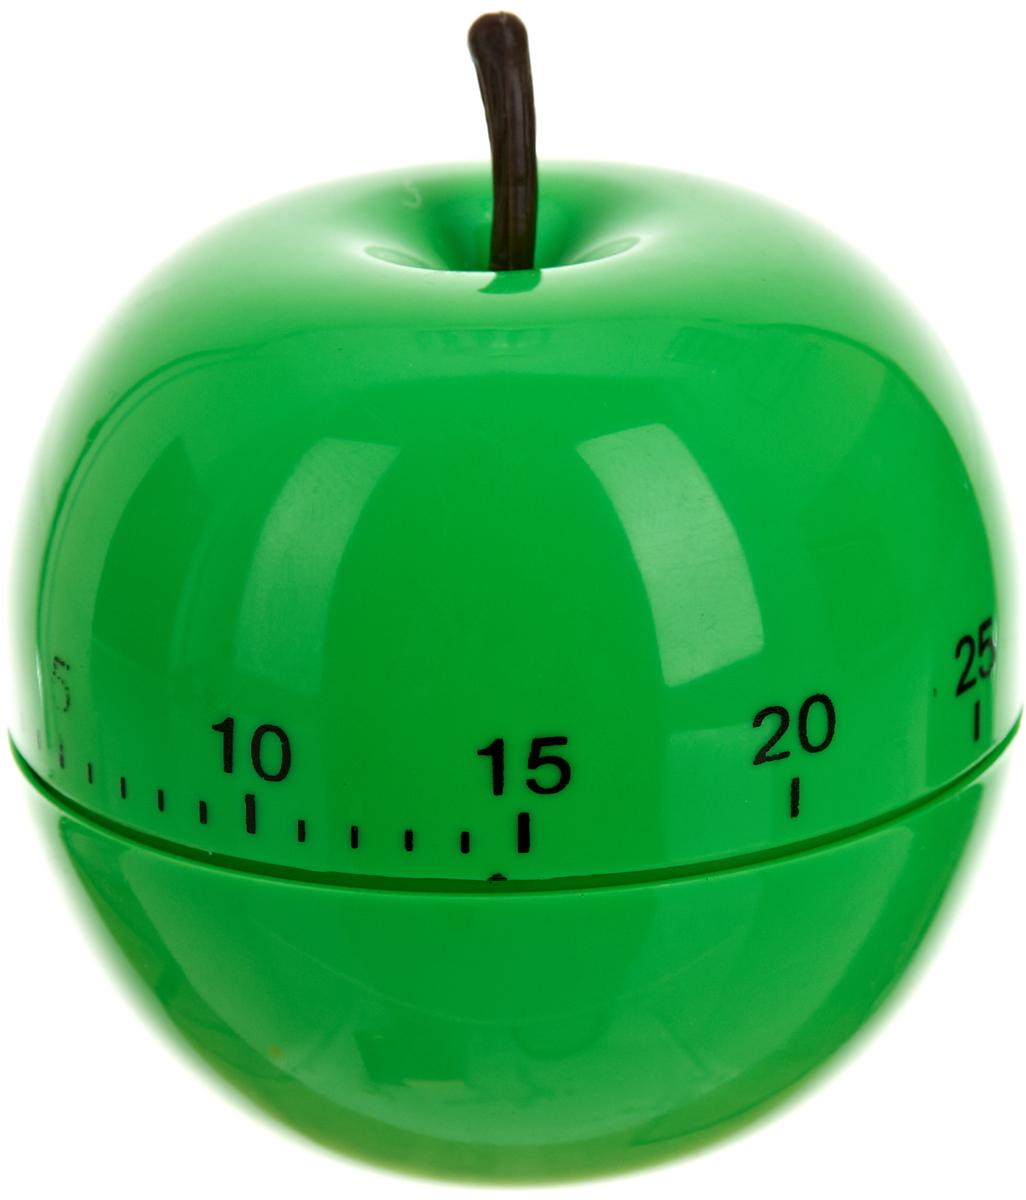 """Механический кухонный таймер Best Home Kitchen """"Зеленое яблоко"""" изготовлен из цветного пластика. Максимальное время, на которое Вы можете поставить таймер, составляет 60 минут. После того, как время истечет, таймер громко зазвенит. Оригинальный дизайн таймера украсит интерьер любой современной кухни, и теперь Вы сможете без труда вскипятить молоко, отварить пельмени или вовремя вынуть из духовки аппетитный пирог."""